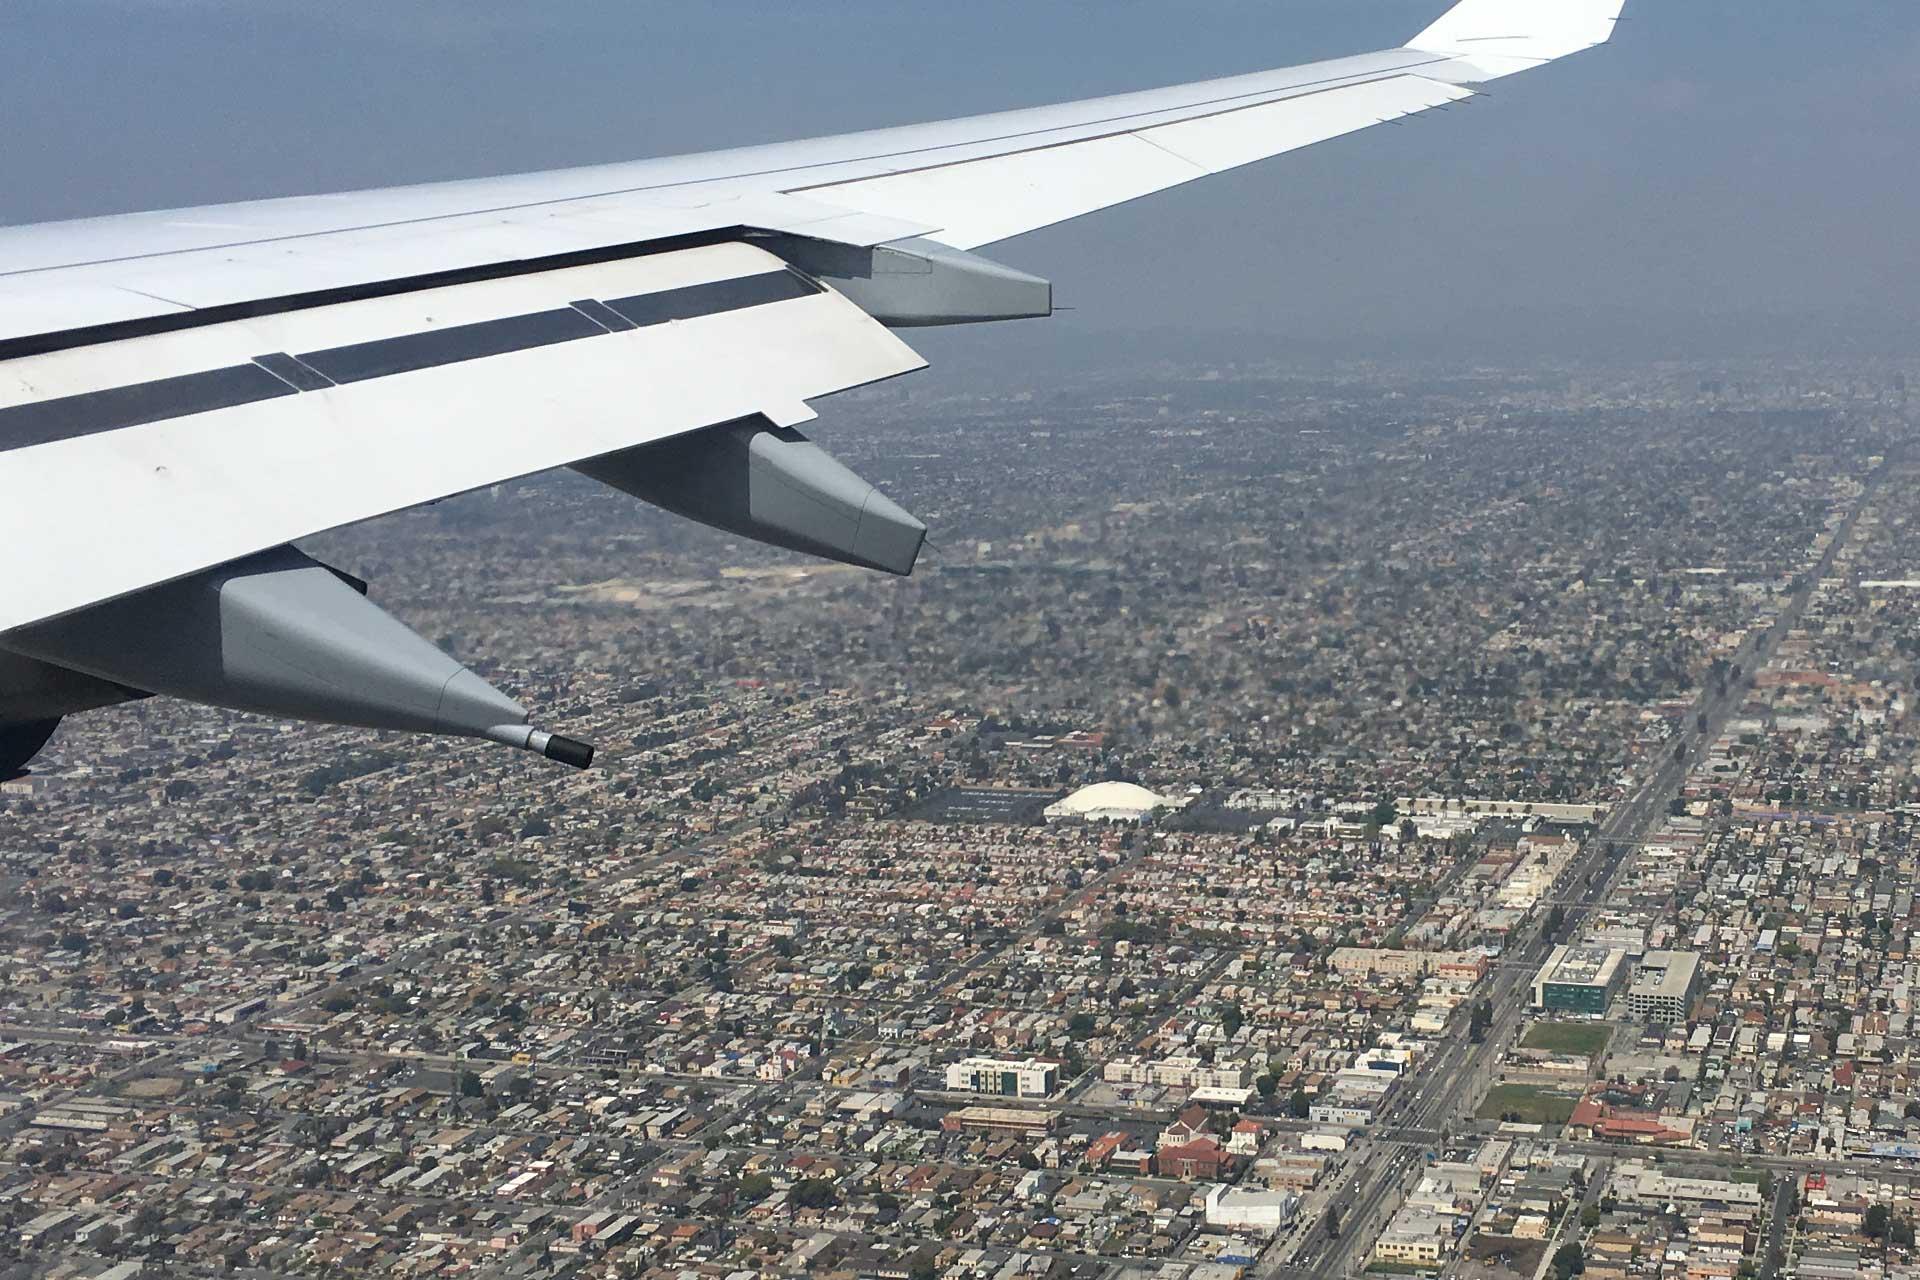 Kurz vor der Landung am Flughafen von Los Angeles